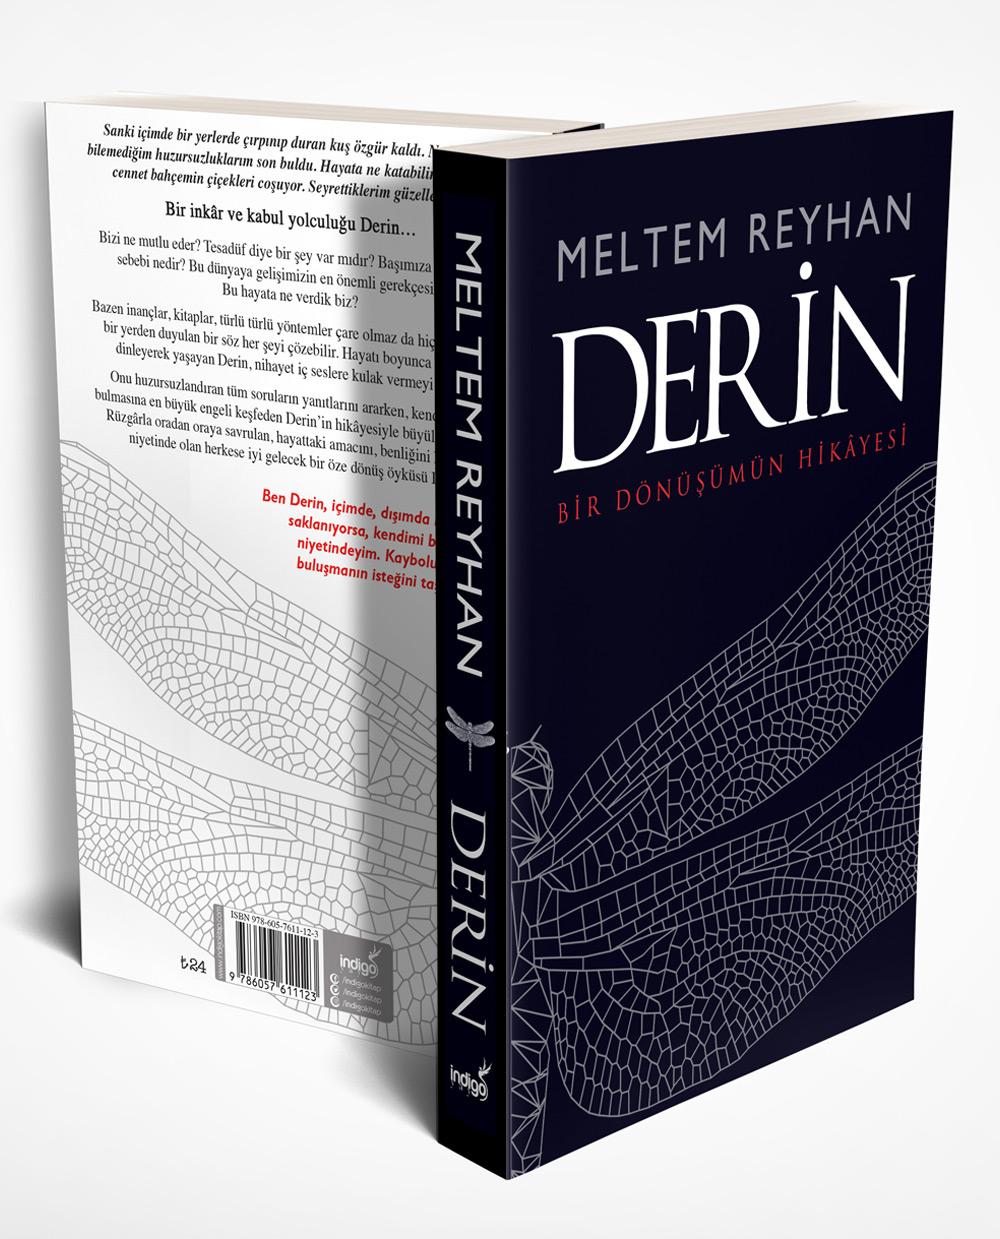 Meltem Reyhan Derin Kitabı